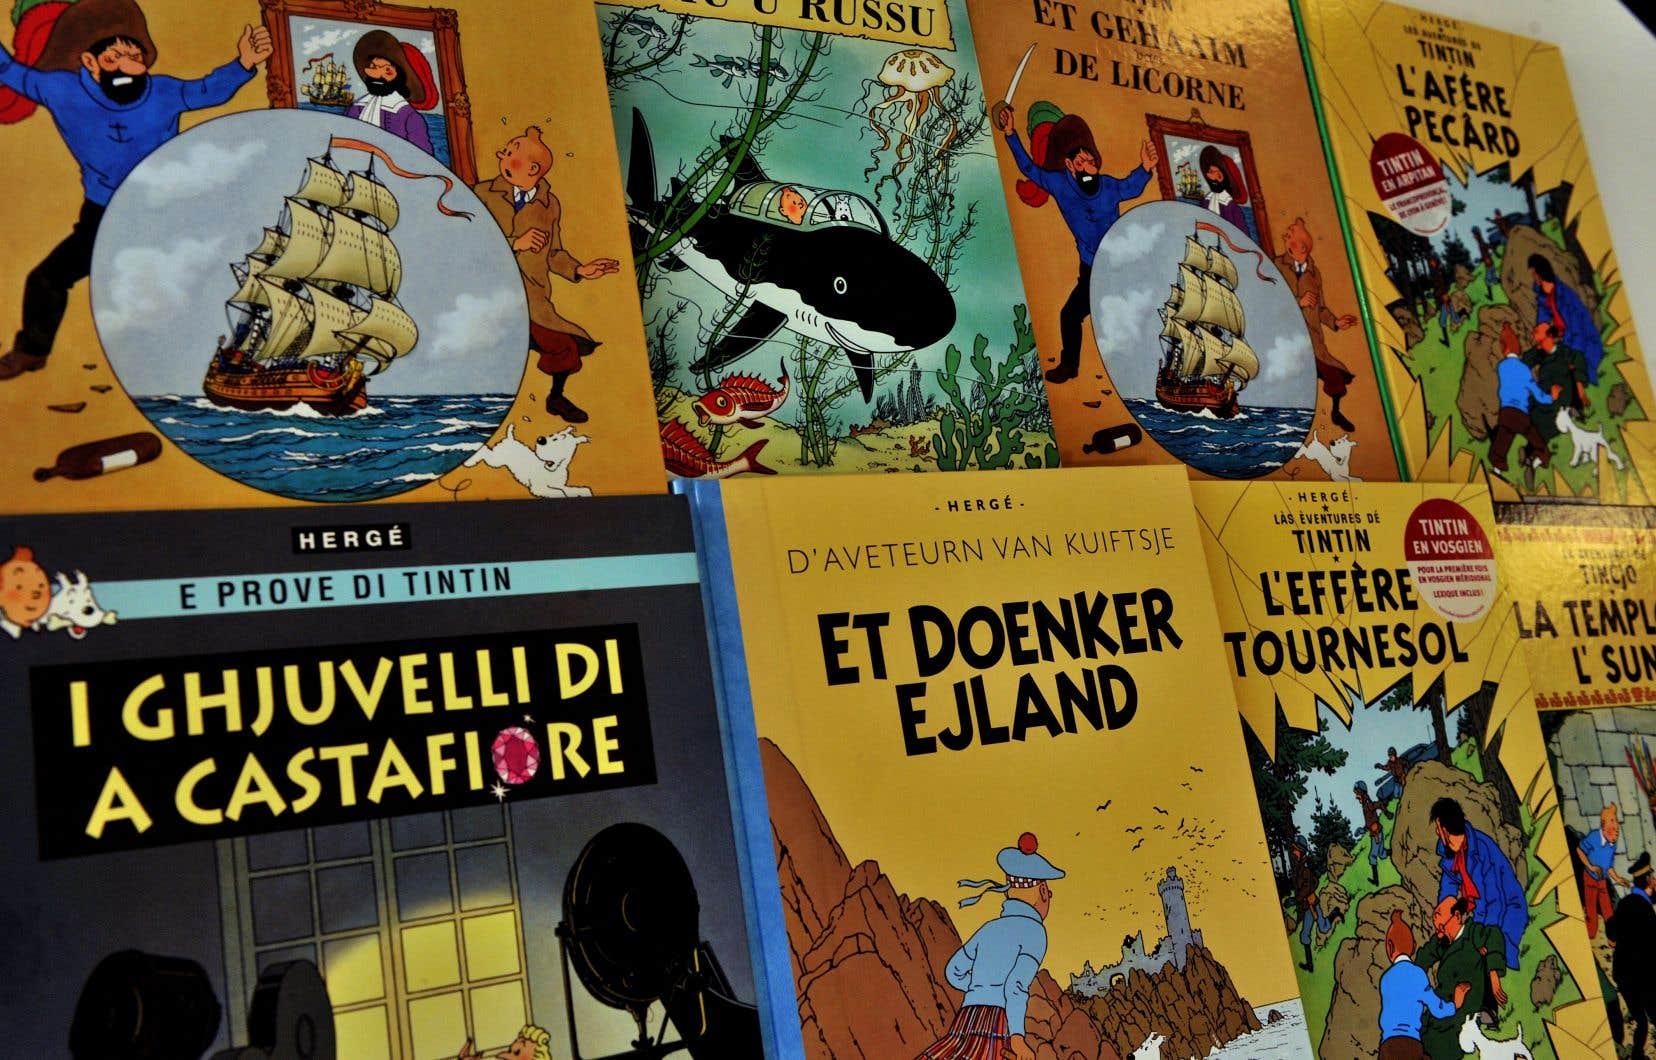 La société Moulinsart poursuivait pour contrefaçon et atteinte au droit moral d'Hergé le peintre français Xavier Marabout.